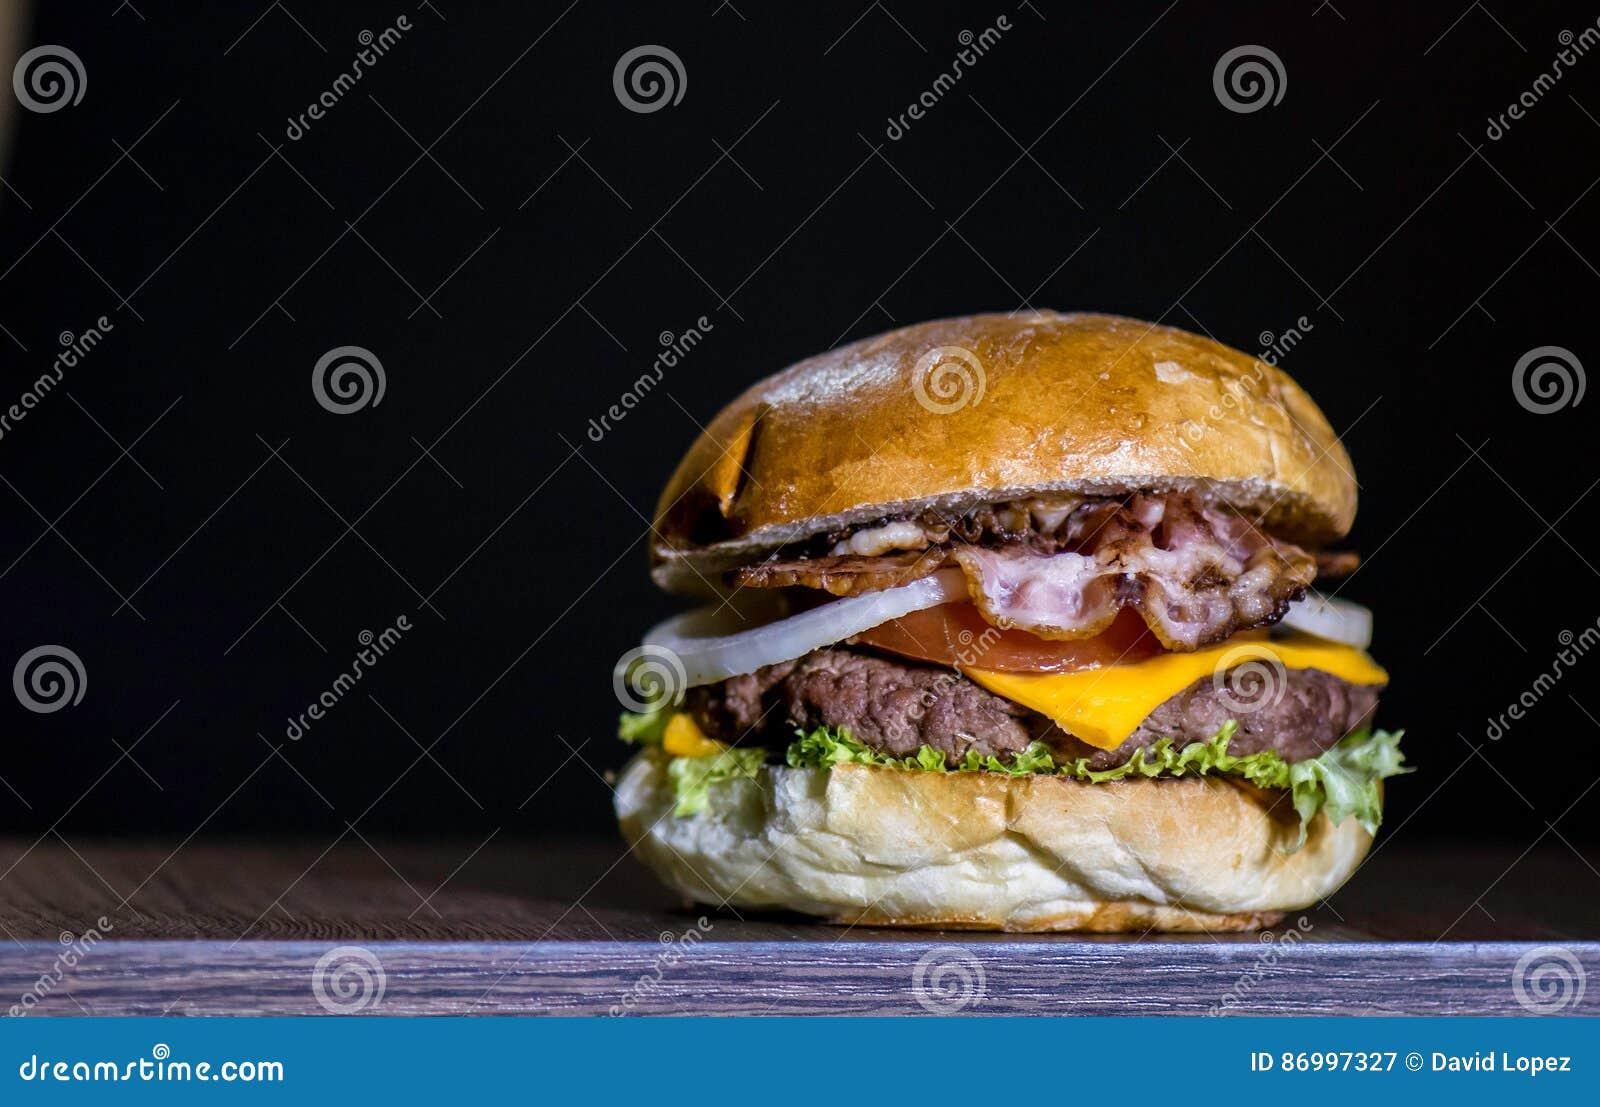 Heerlijk bacon hamburguer vooraanzicht